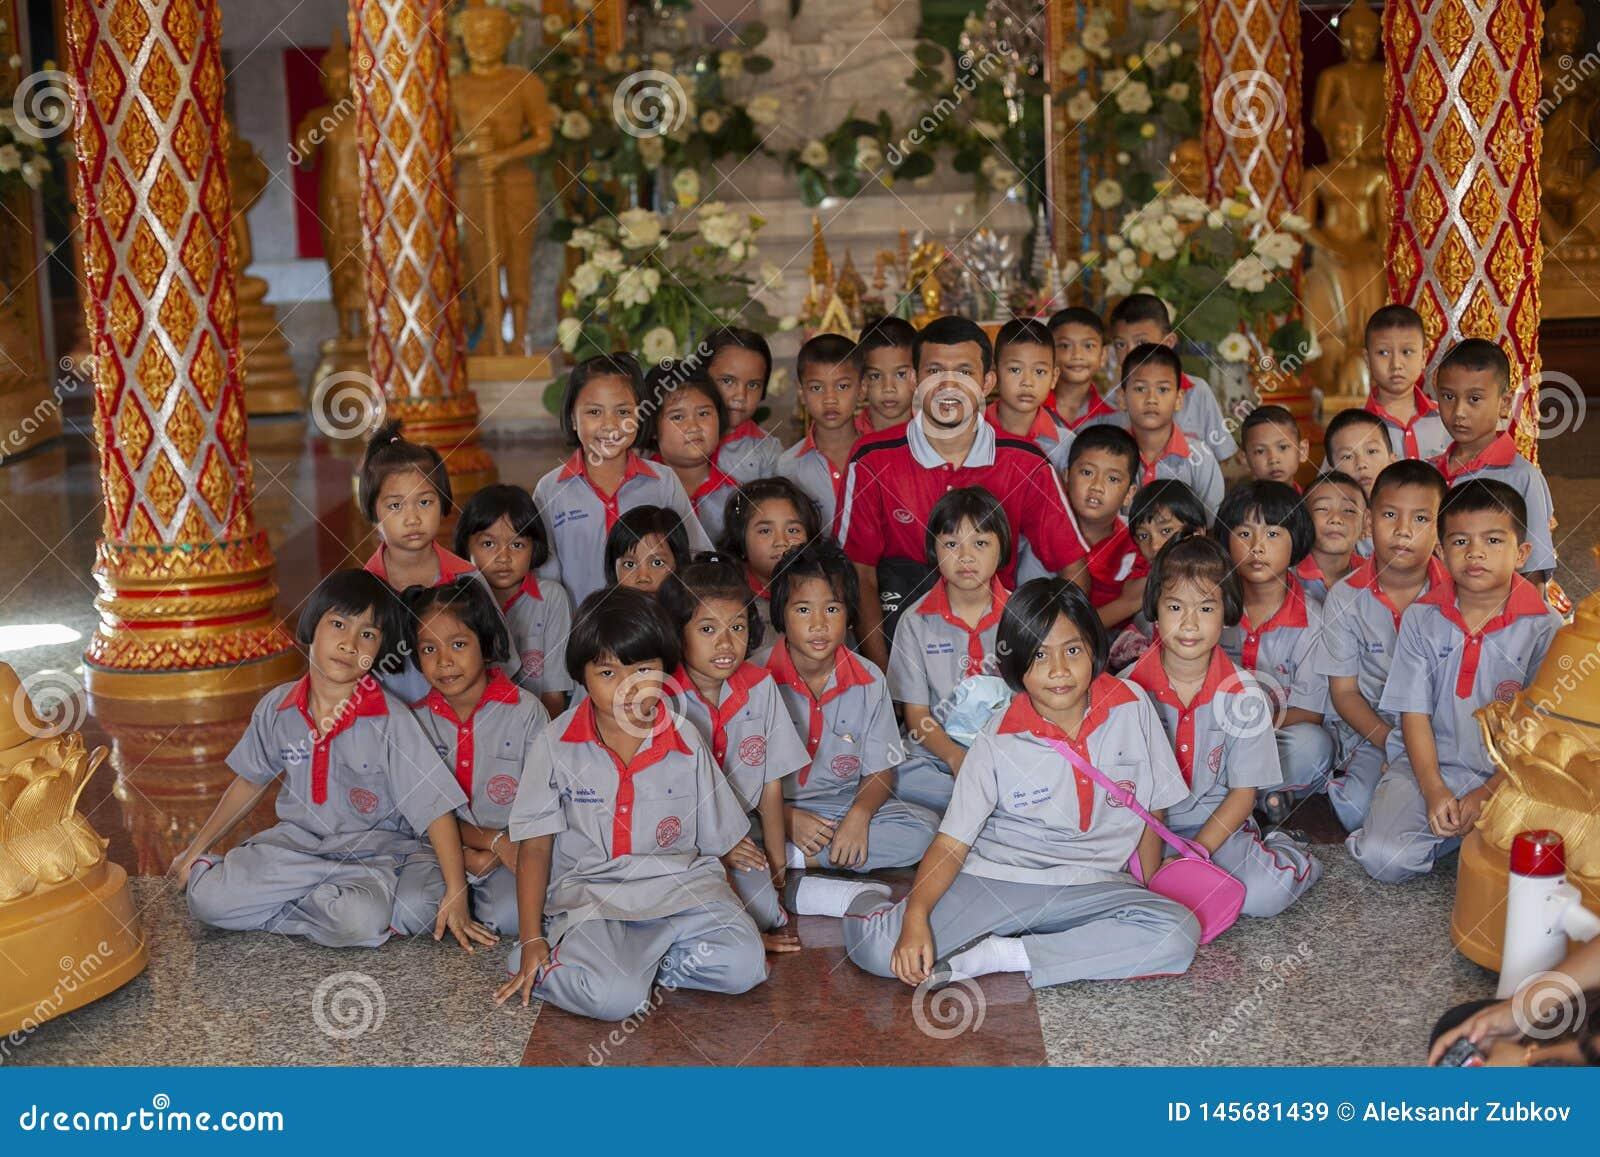 Thailand Phuket, 01 18 2013 Grundskolastudenter och en lärare i Buddhatemplet, gruppfoto Utbildning utbildning